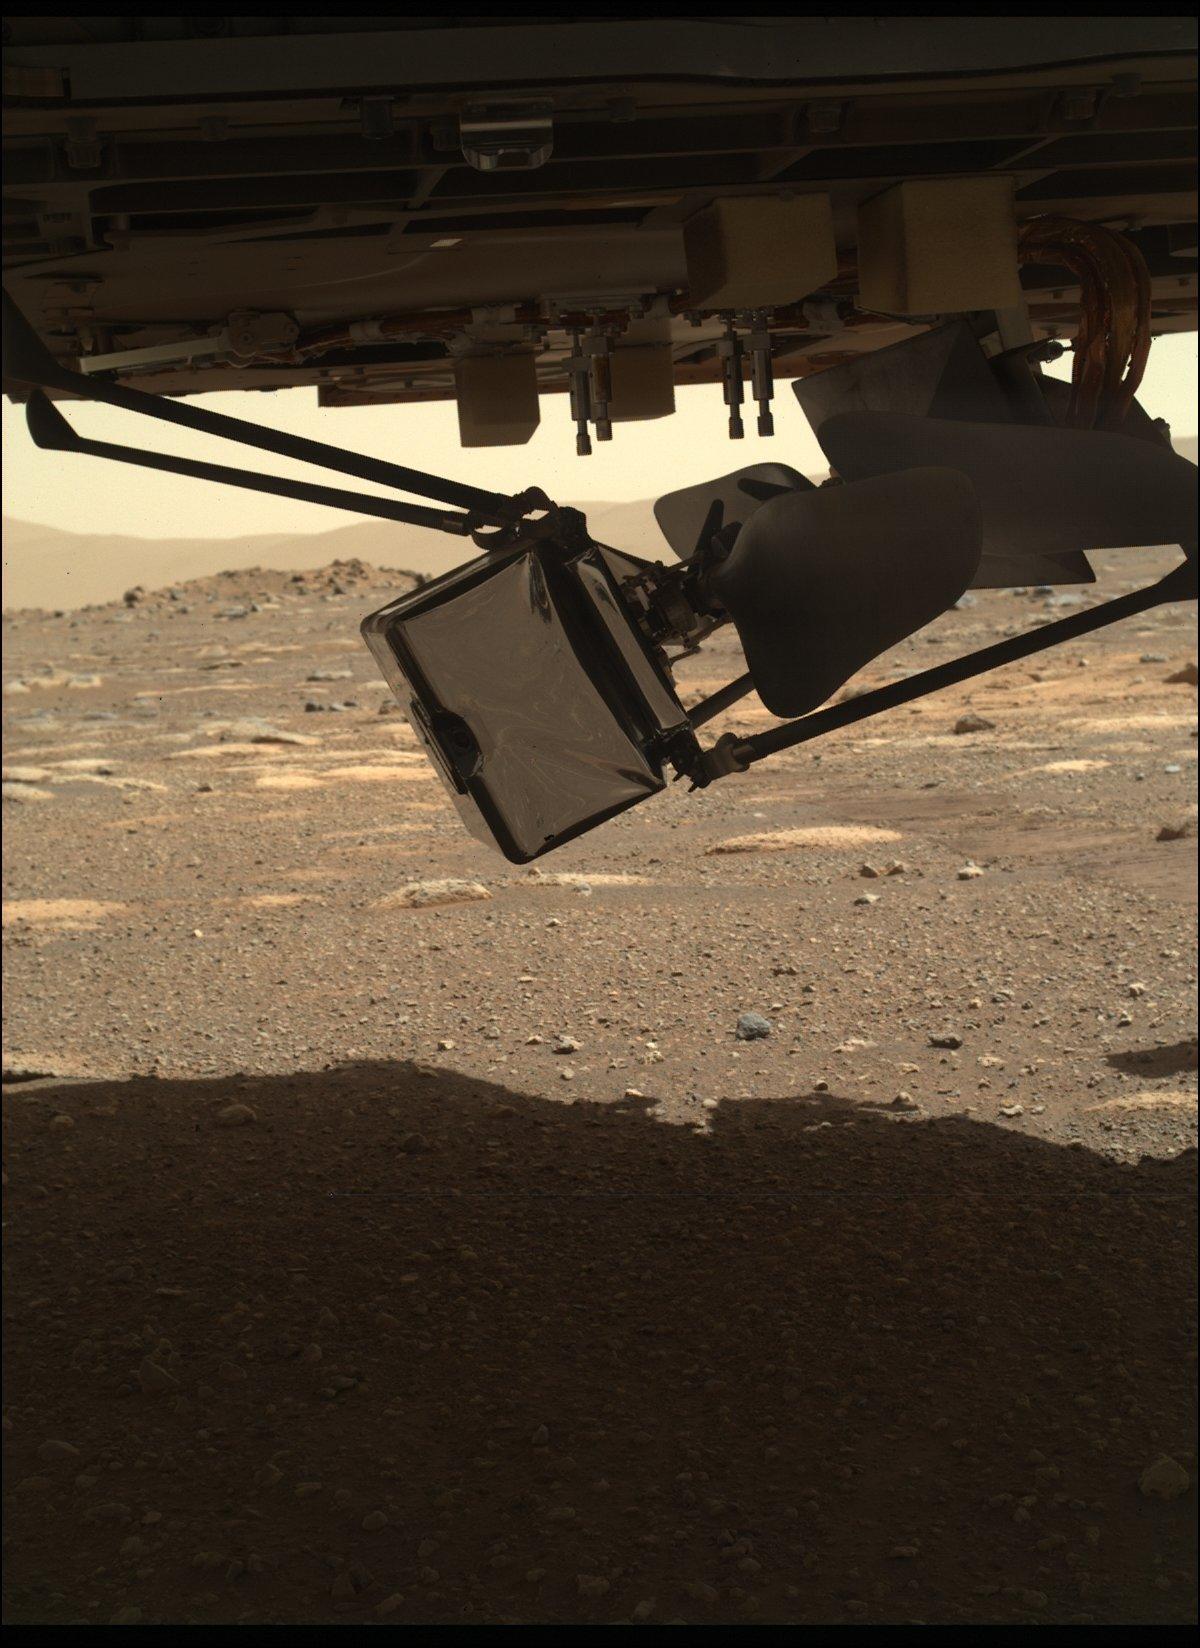 Mars 2020 (Perseverance) : exploration du cratère Jezero - Page 7 11867